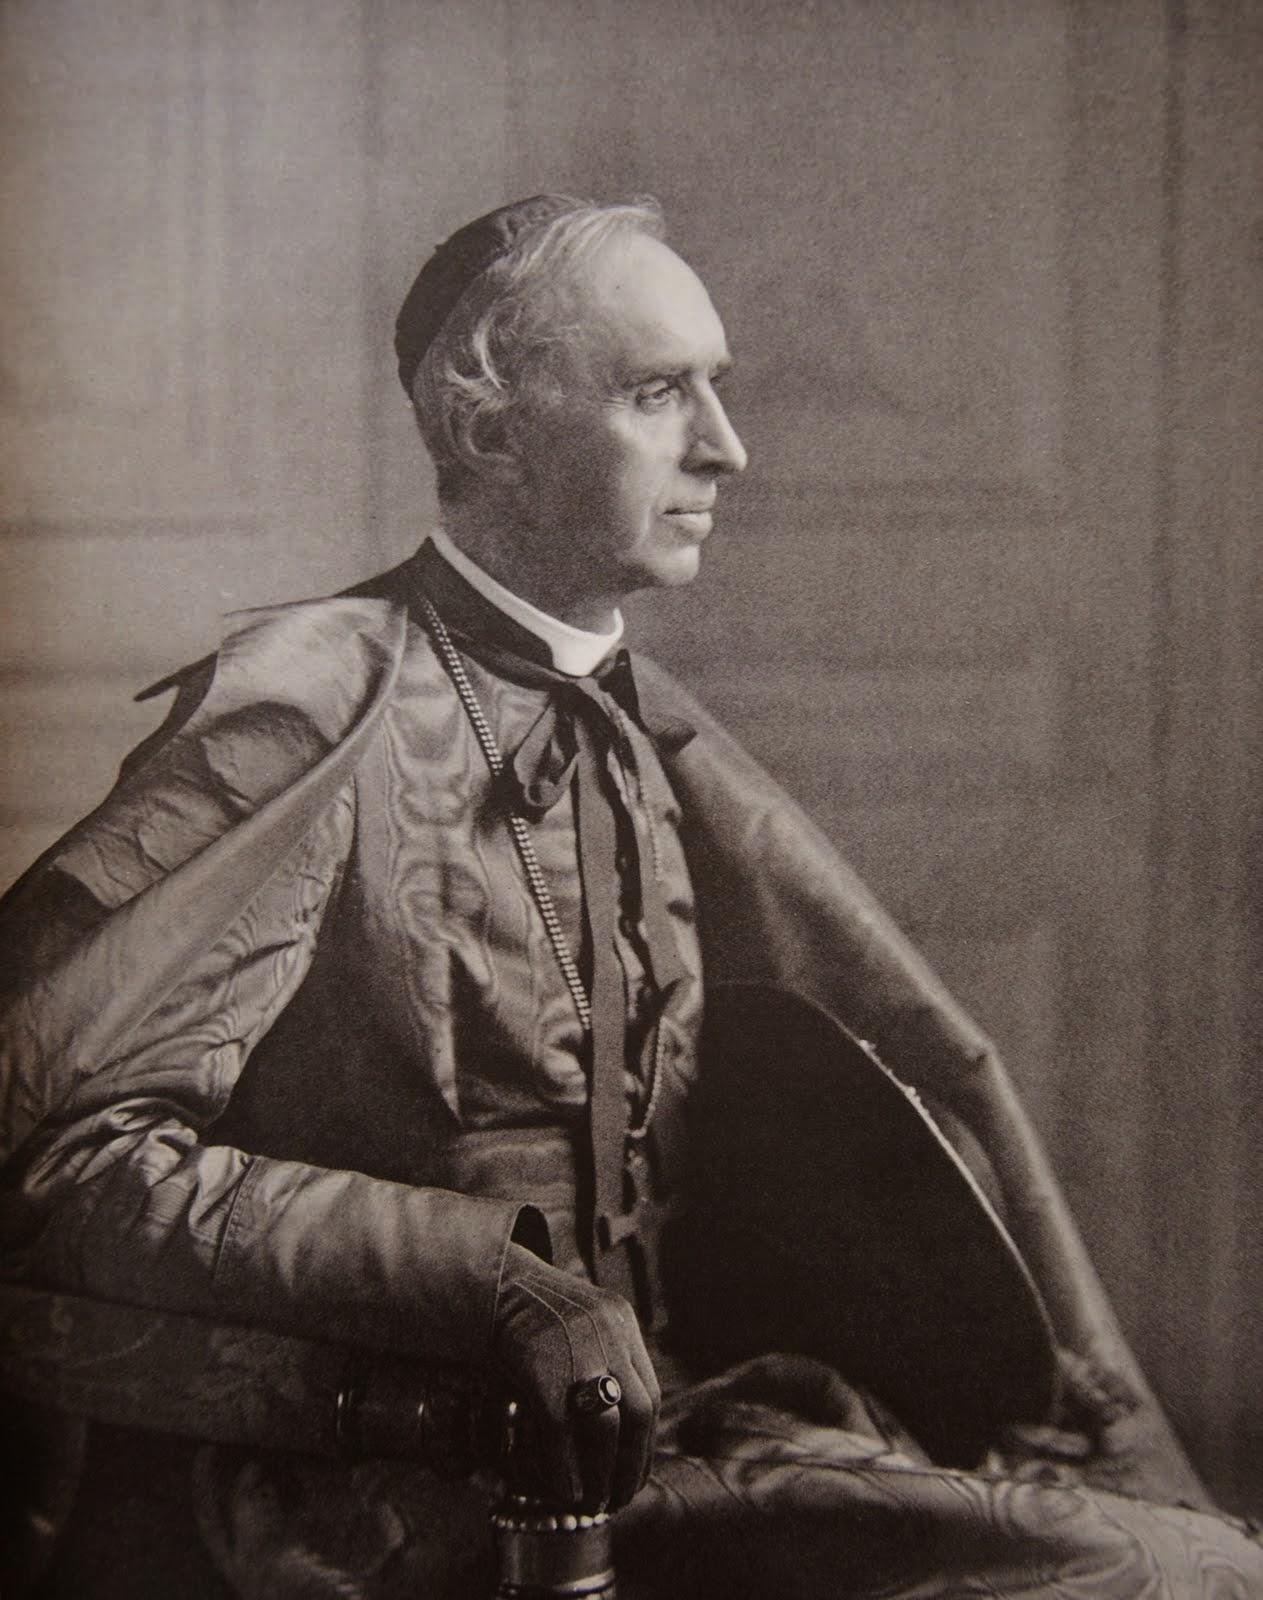 Kardynał Mercier